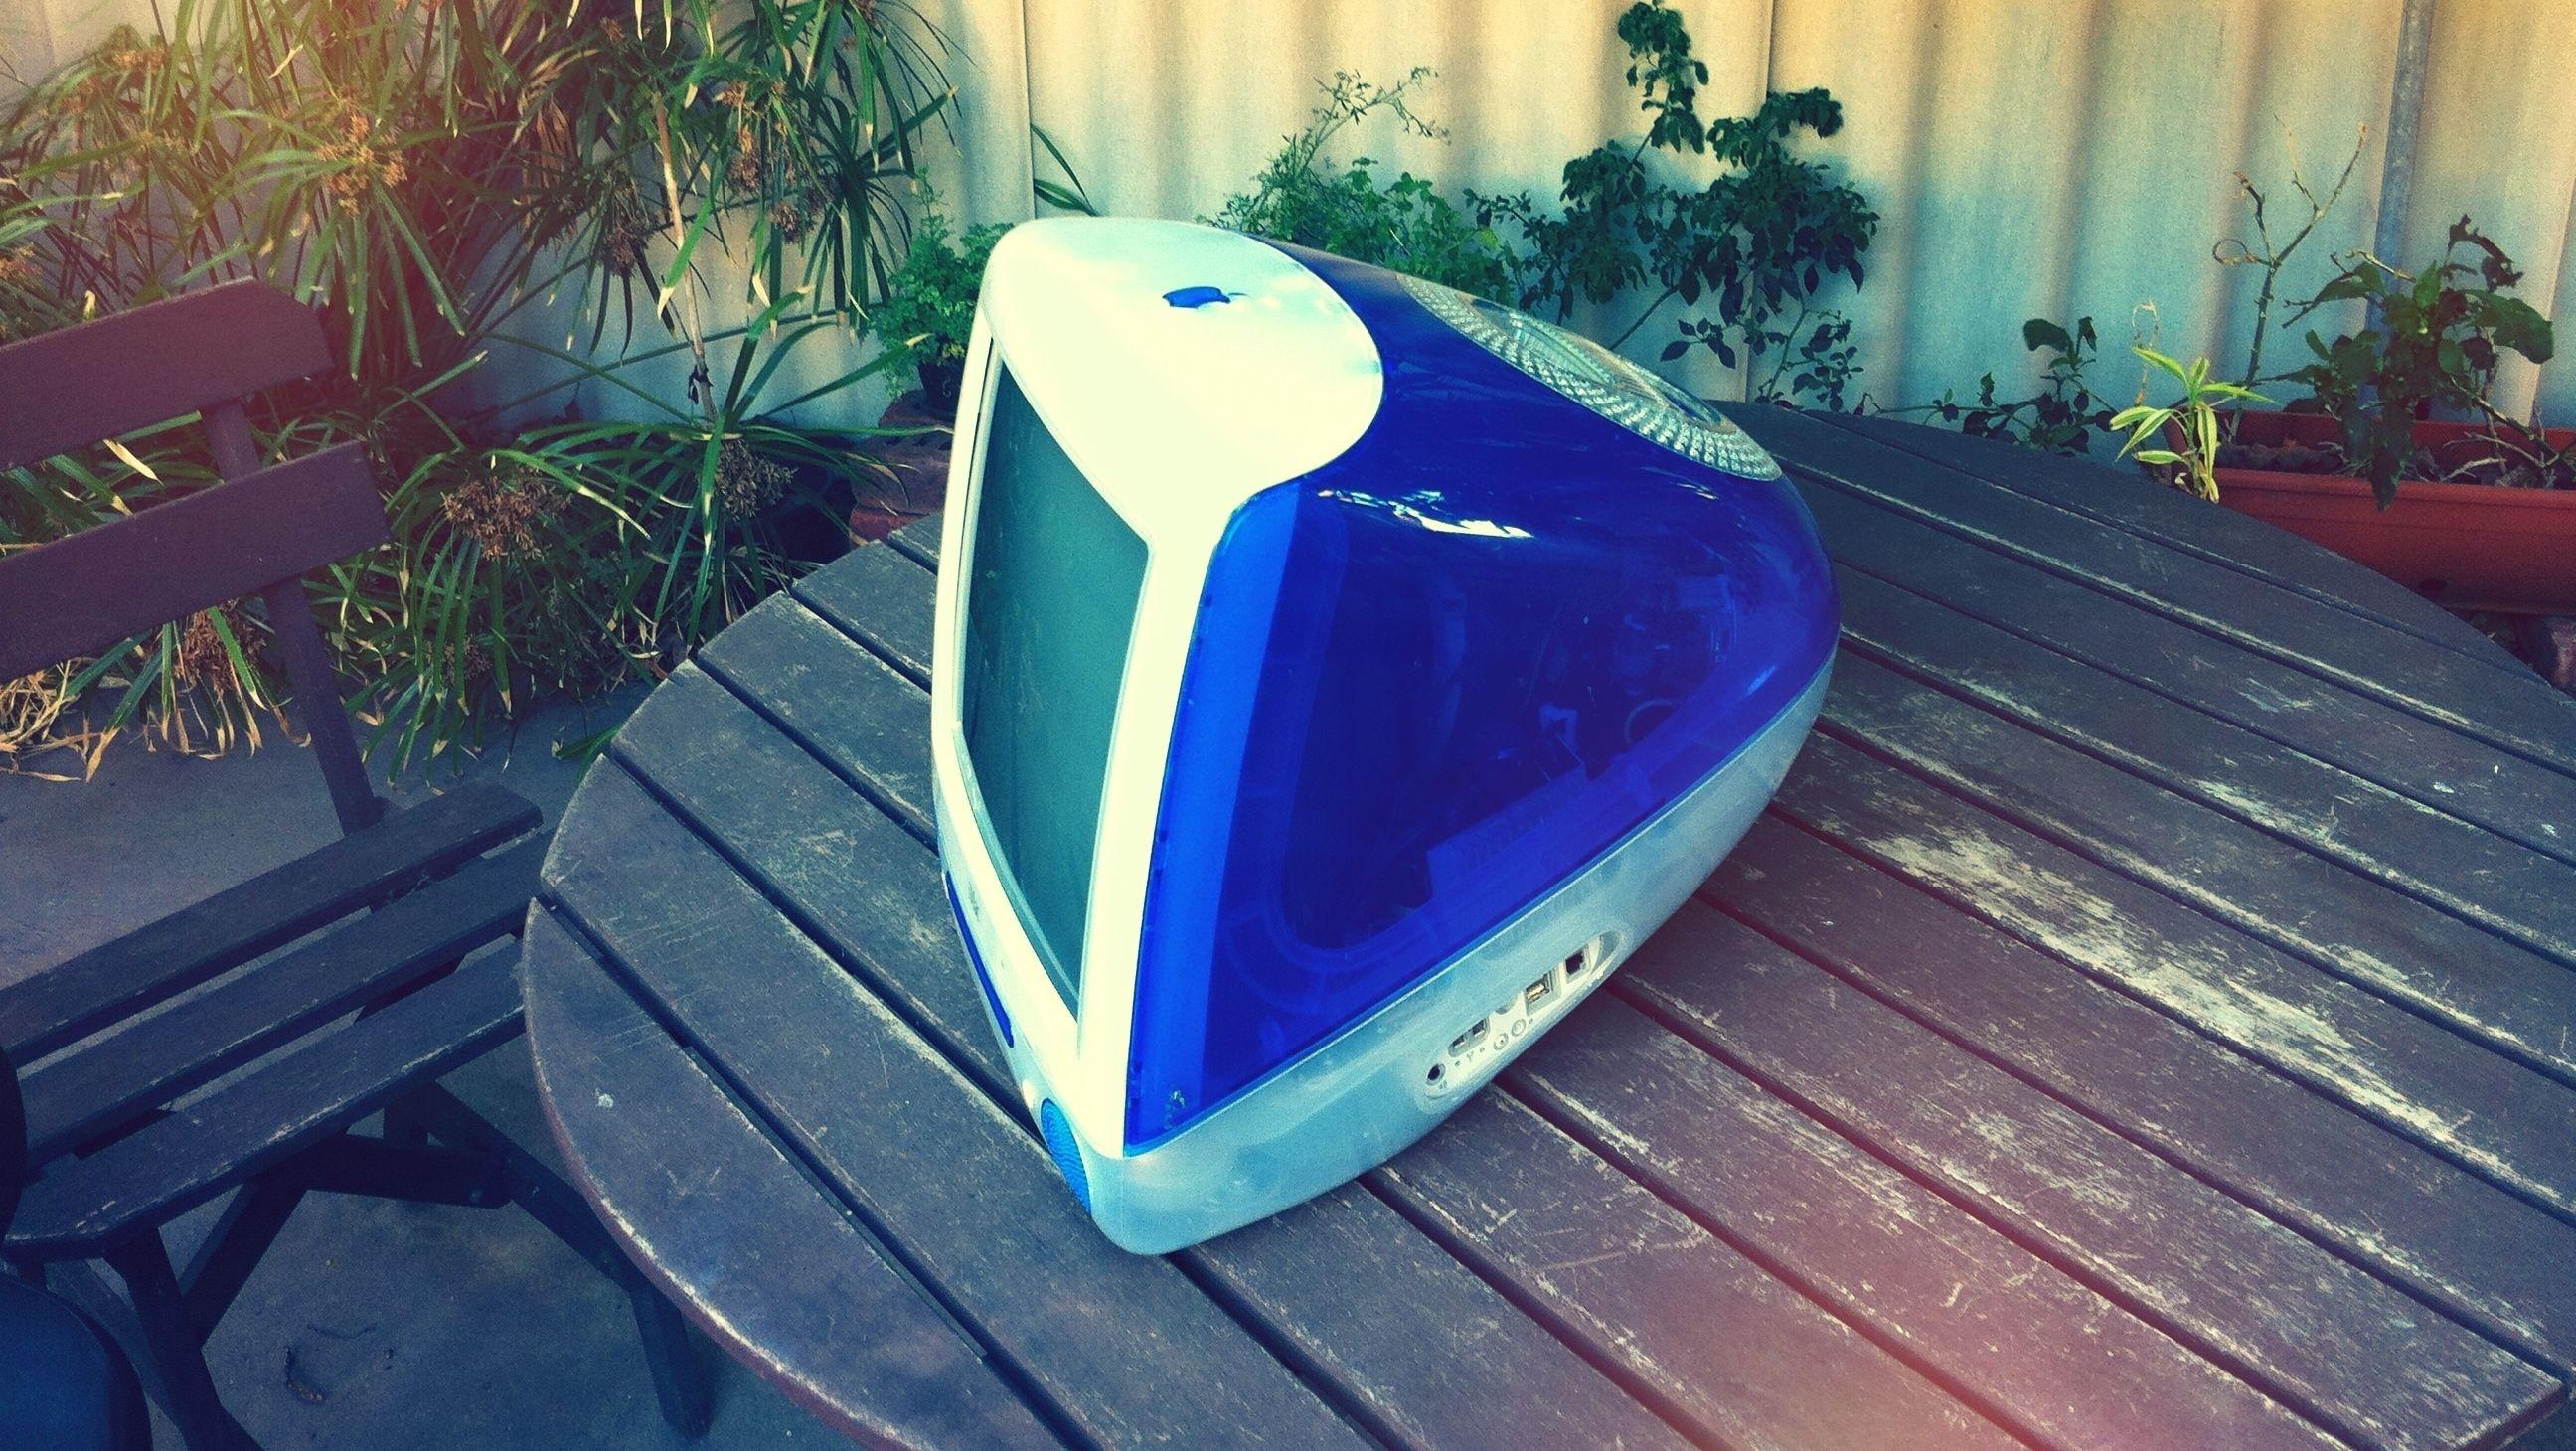 iMac G3 var en symfoni i plast, bilderør og USB-porter. Og en klassiker med eplelogo på.